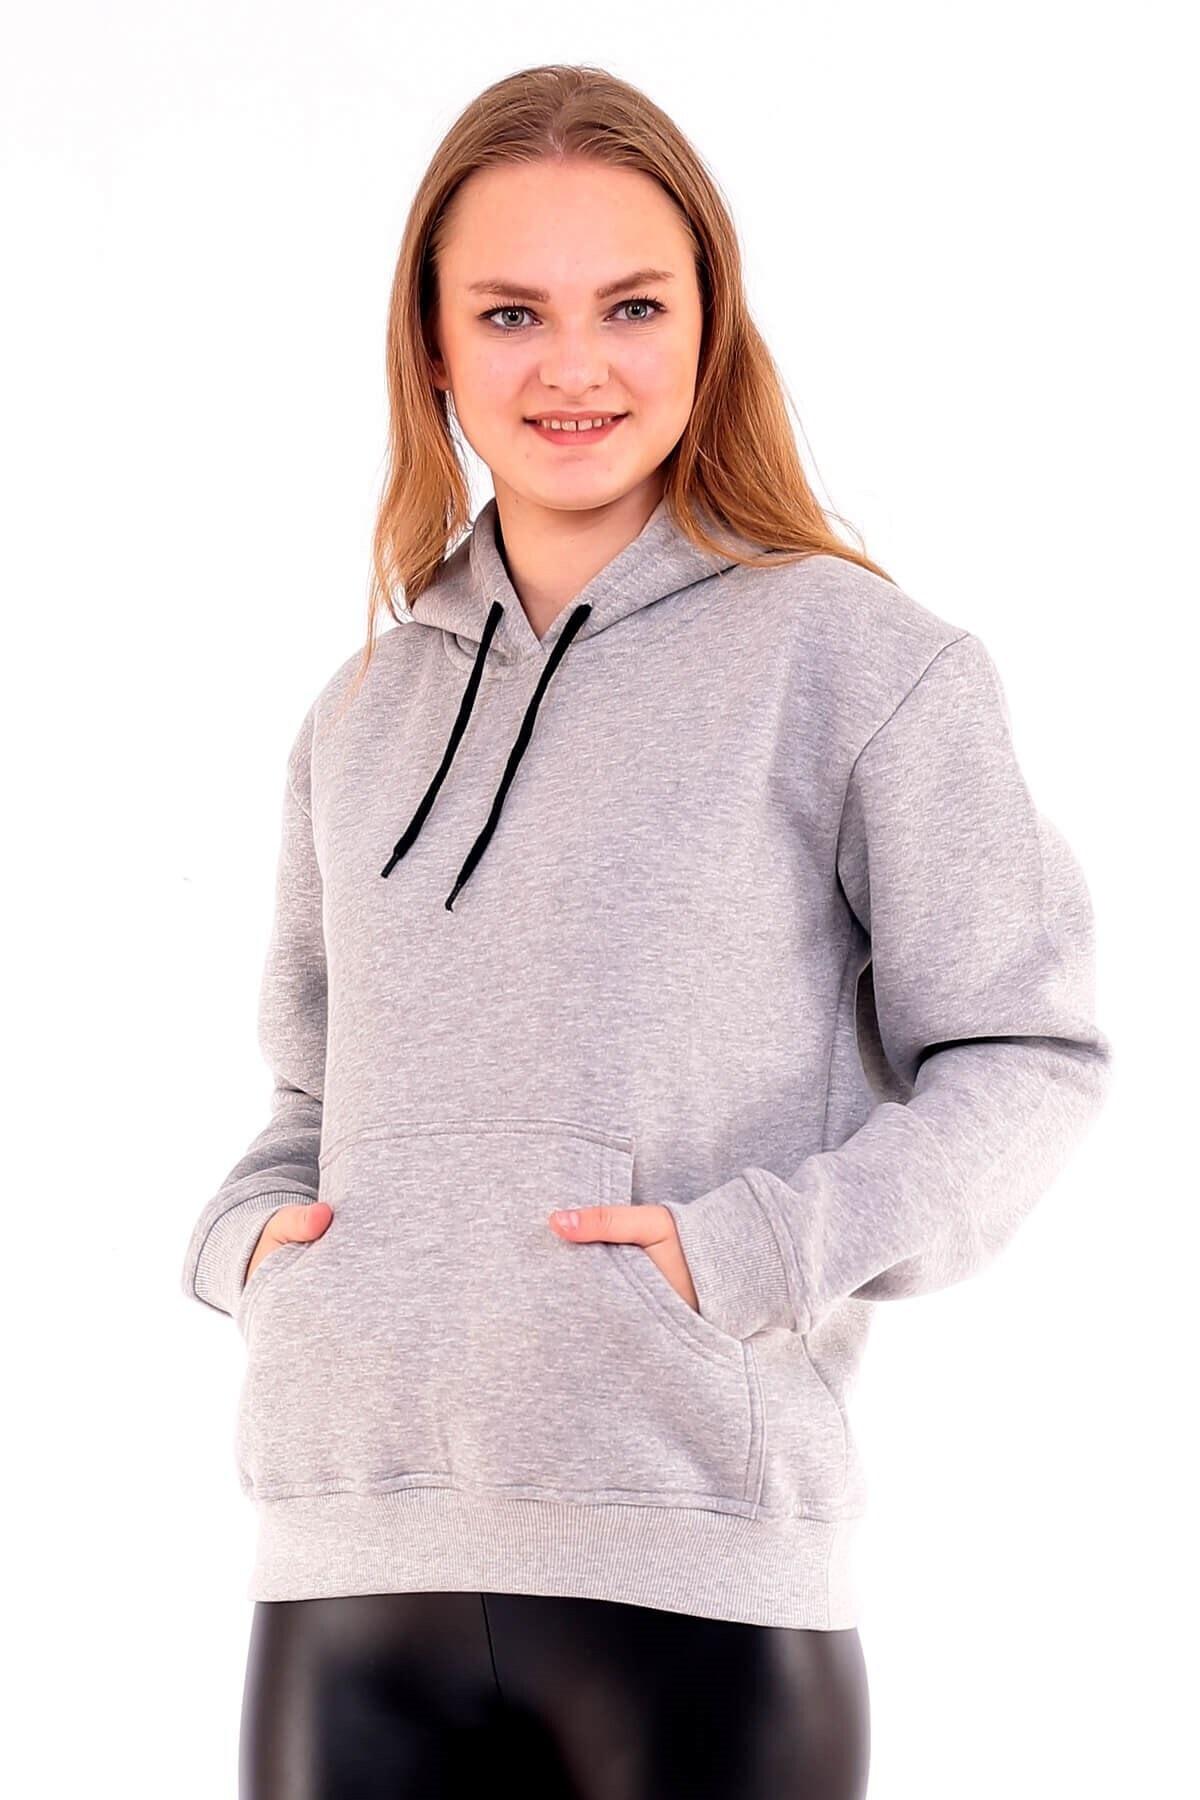 Deafox Gri Üç Iplik Kalın Kadın Sweatshirt 2